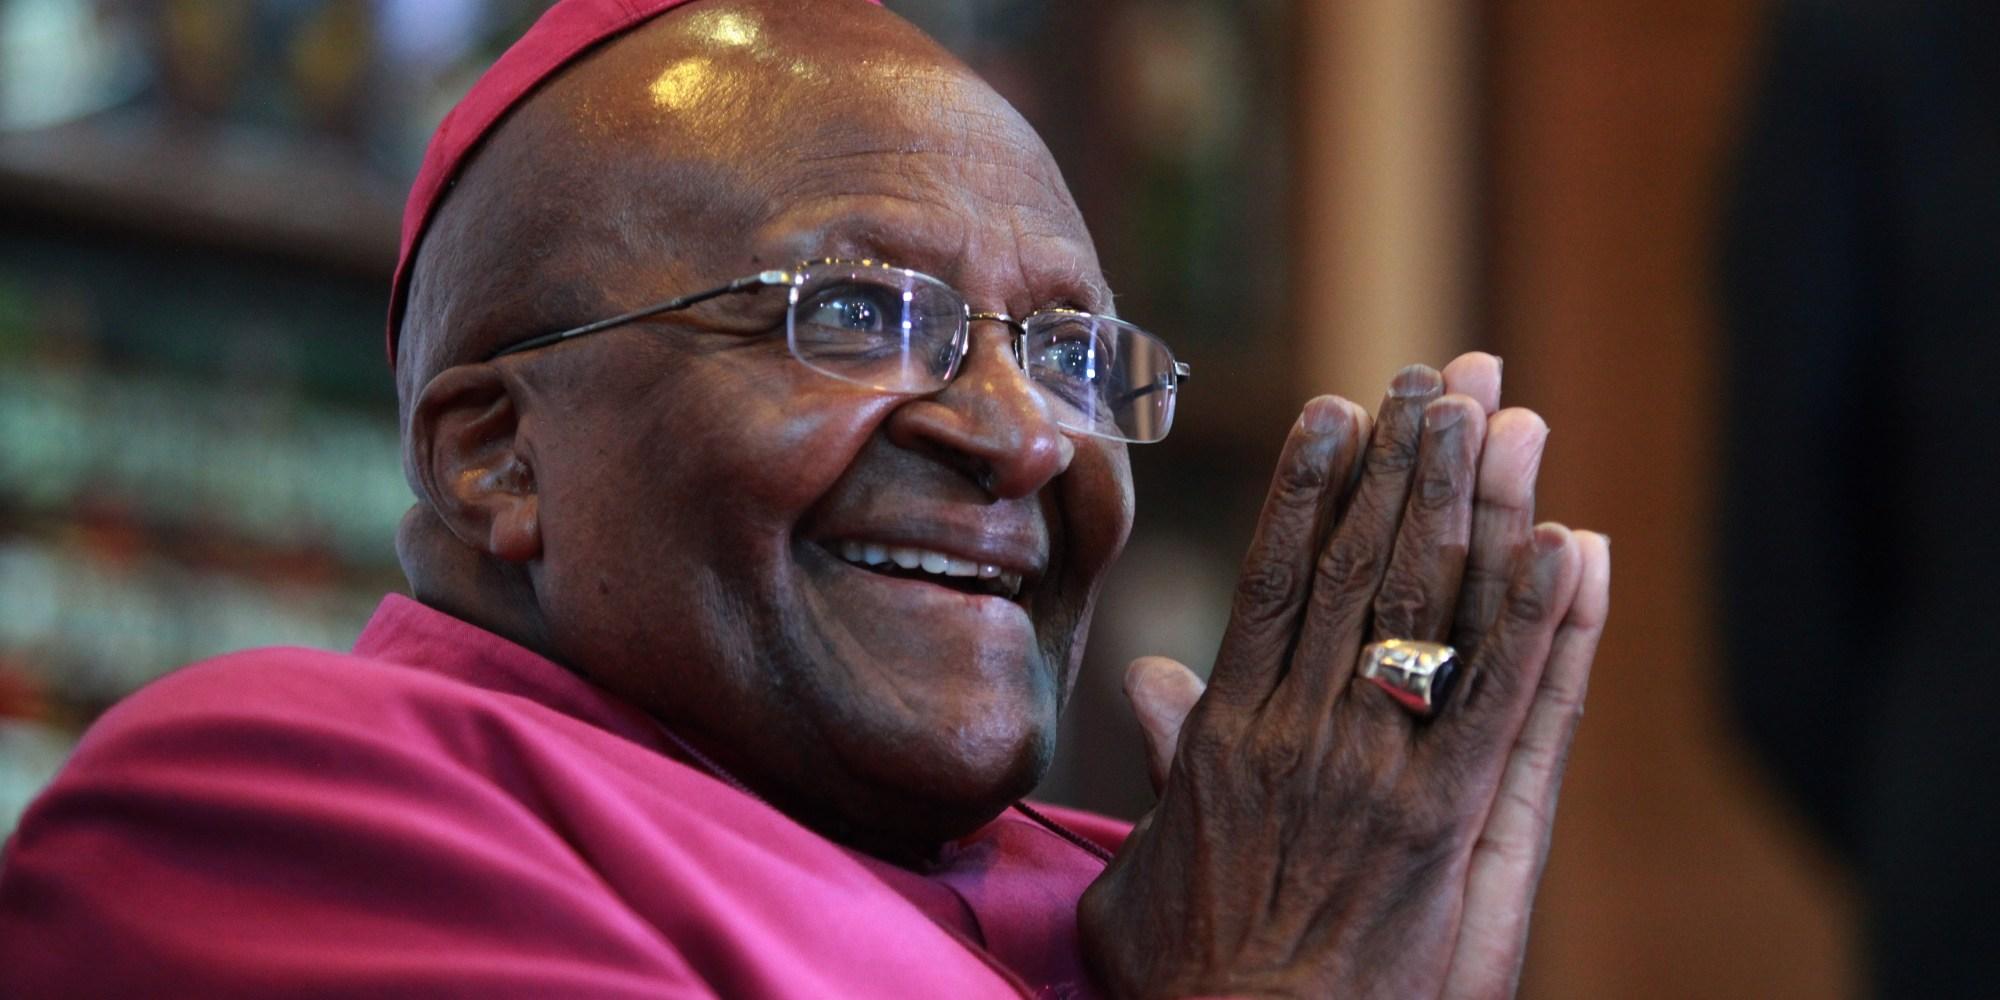 Desmond Tutu: A life in pictures